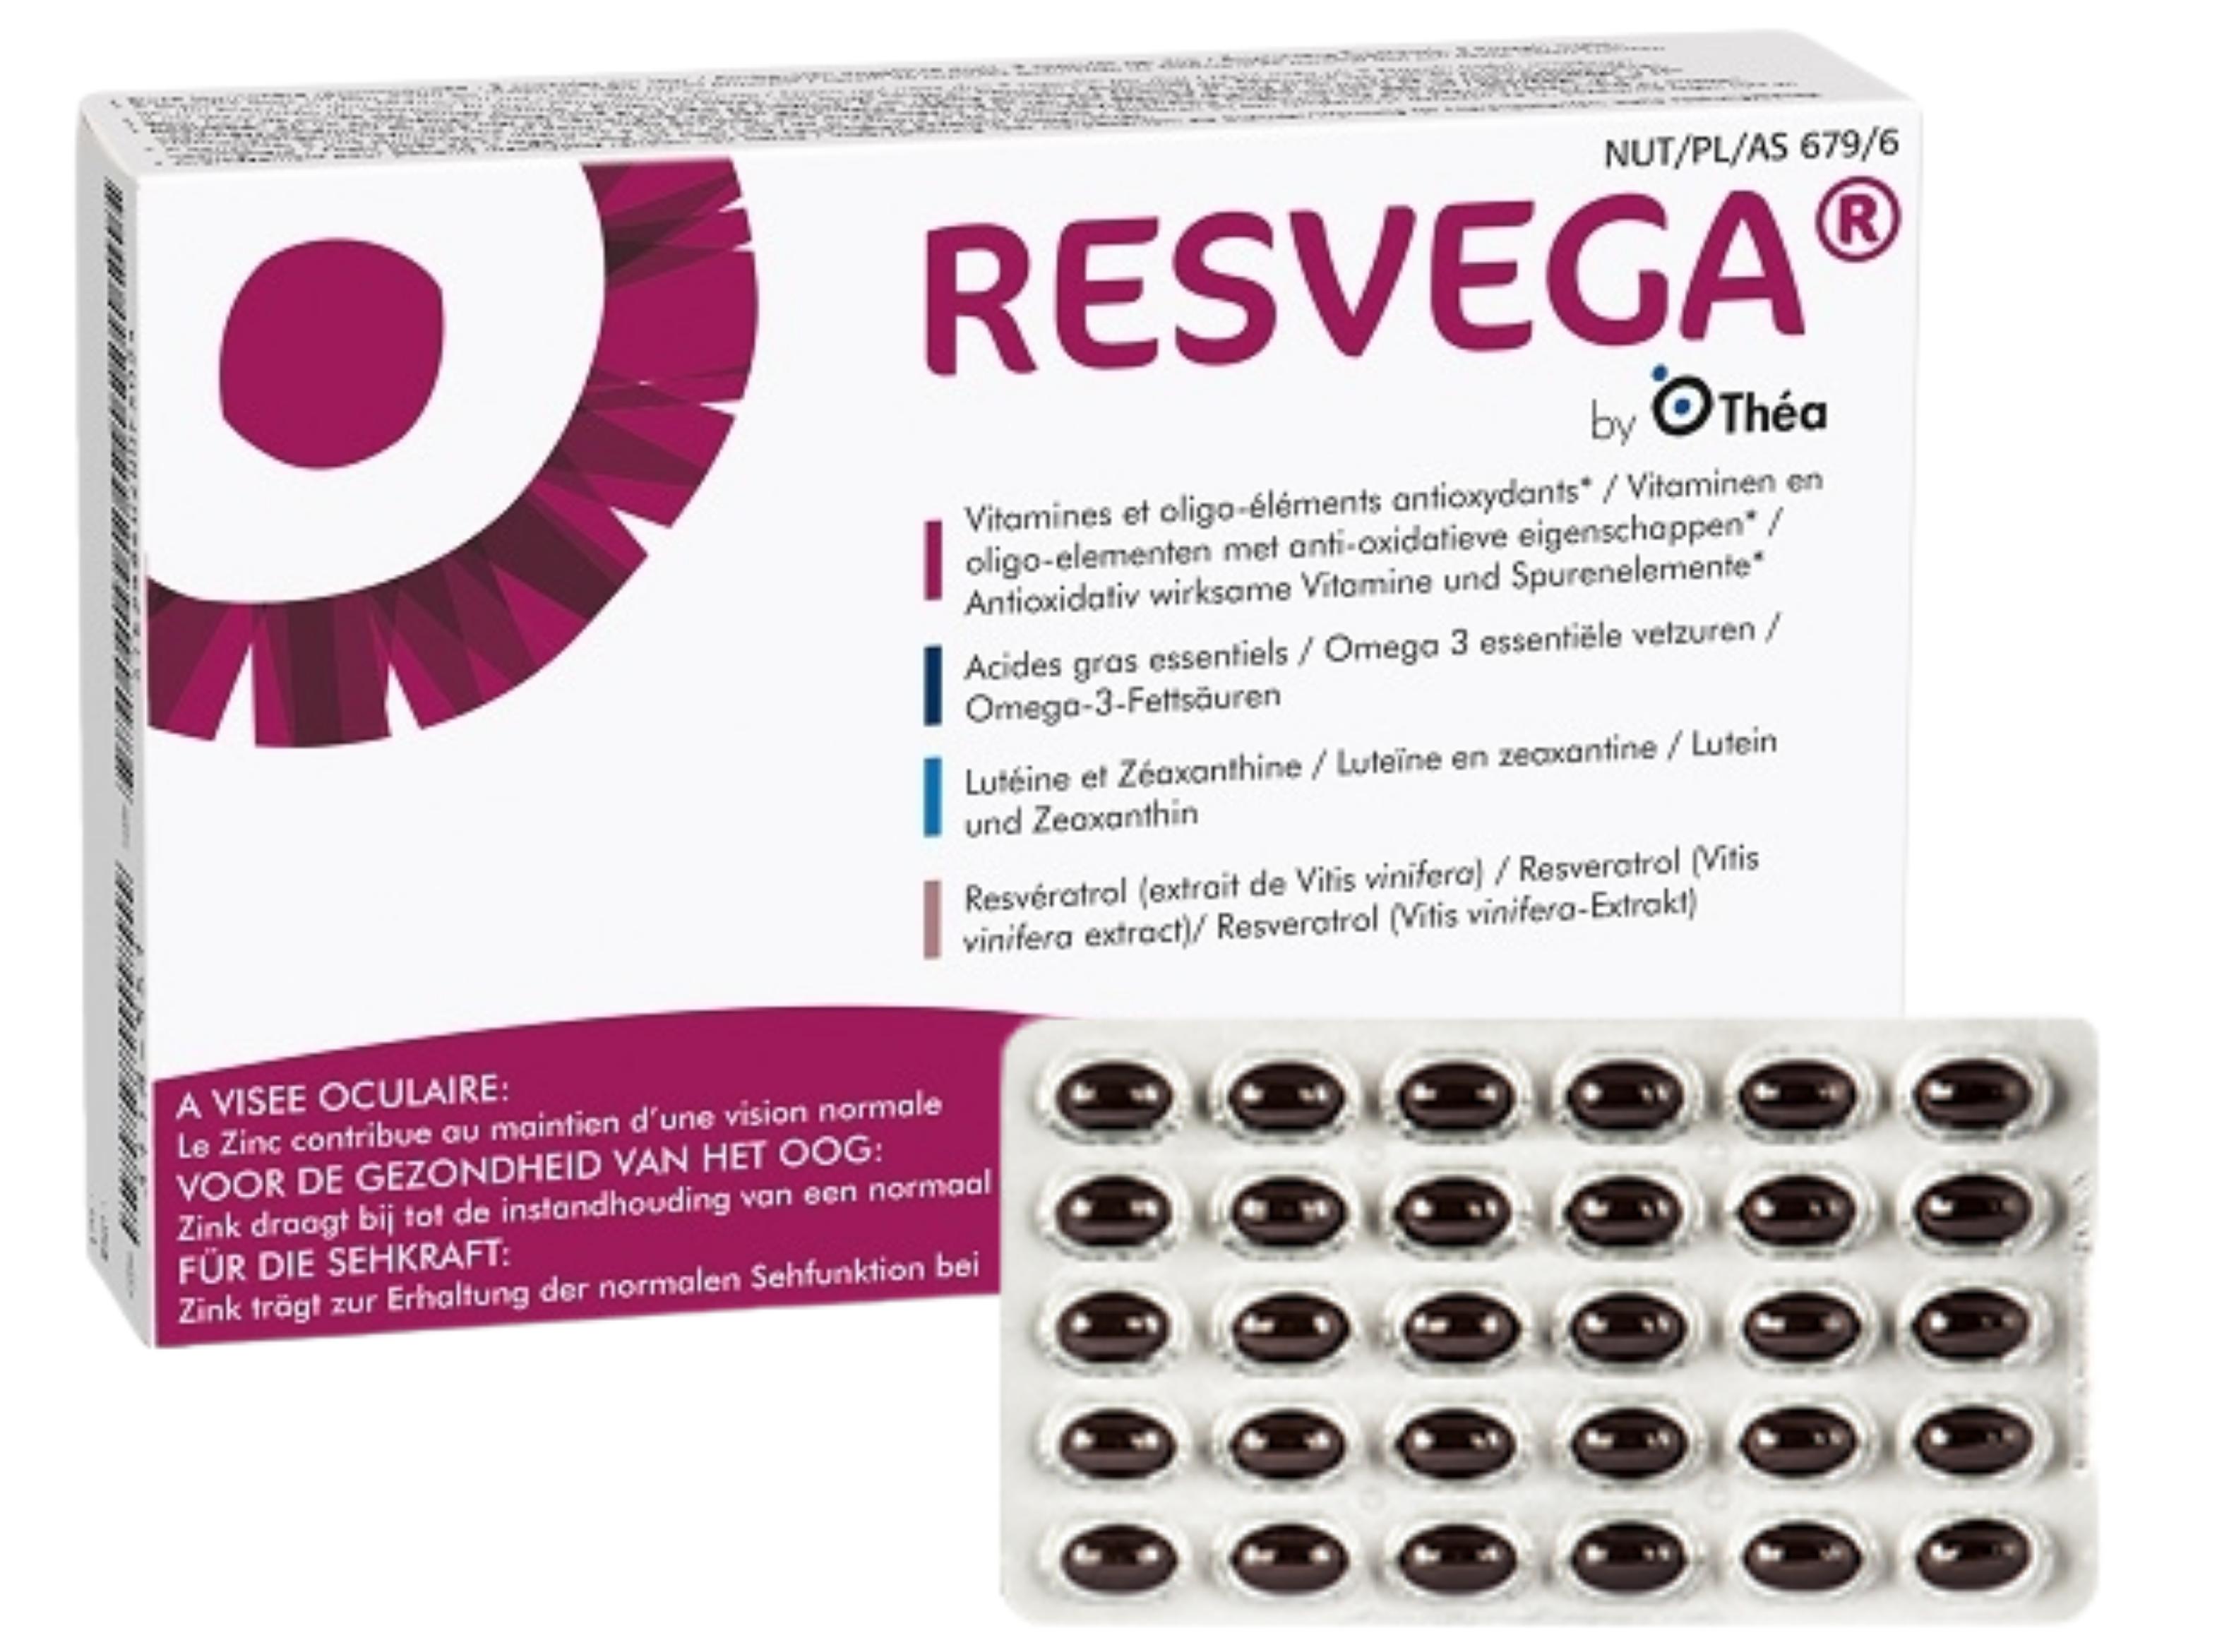 RESVEGA 60 capsules